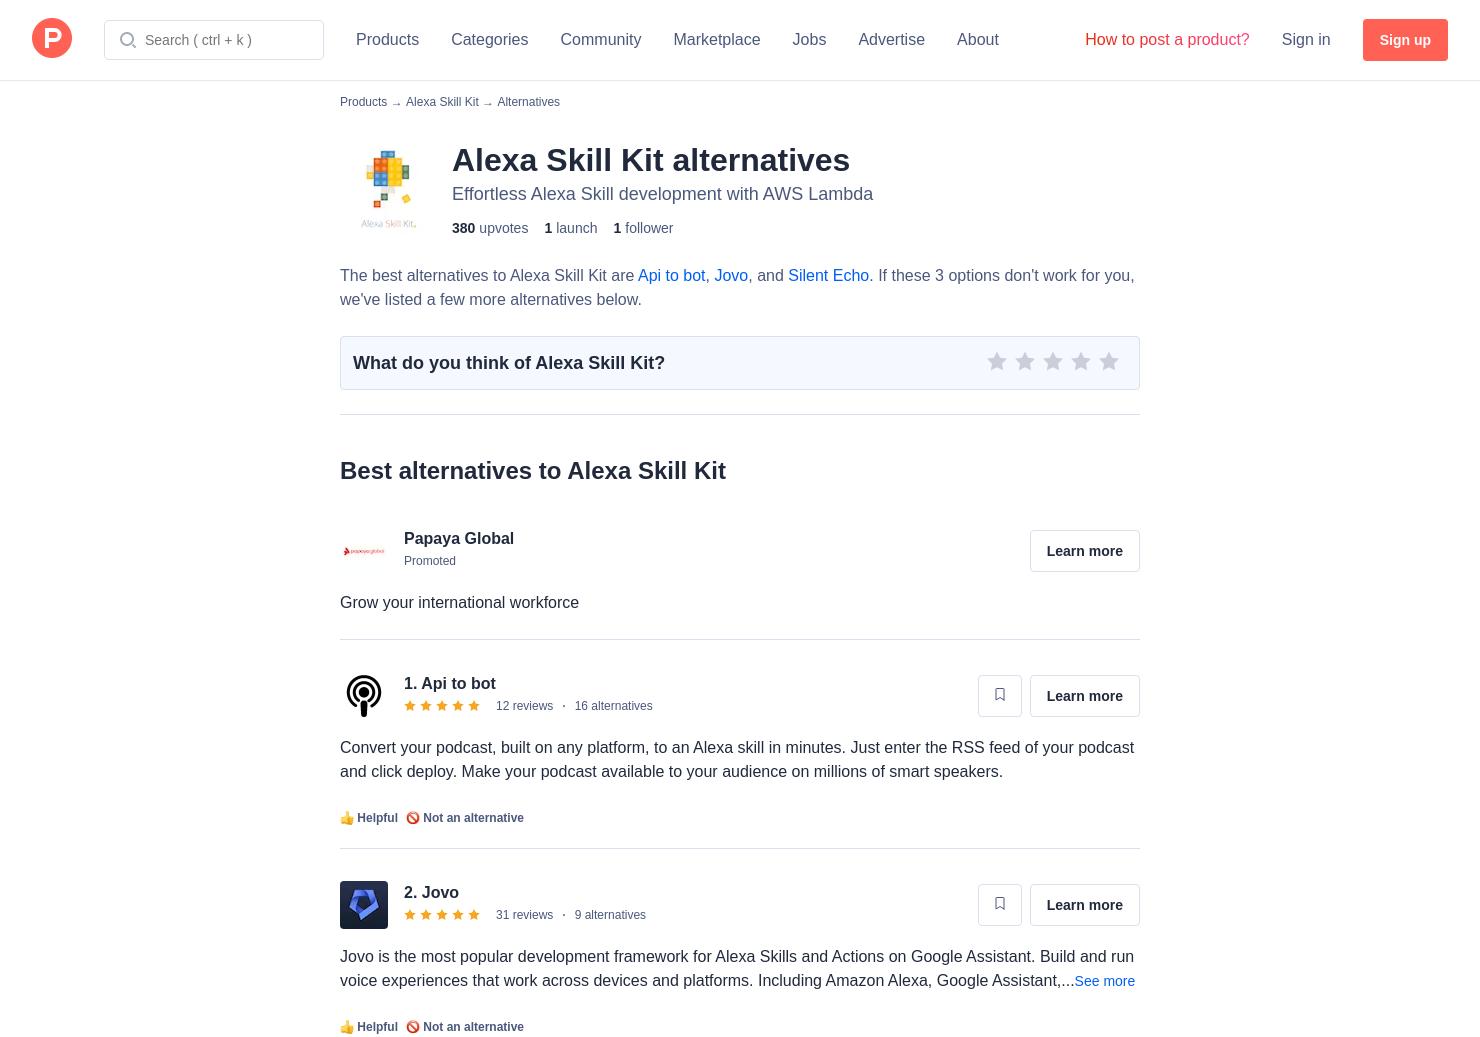 27 Alternatives to Alexa Skill Kit | Product Hunt